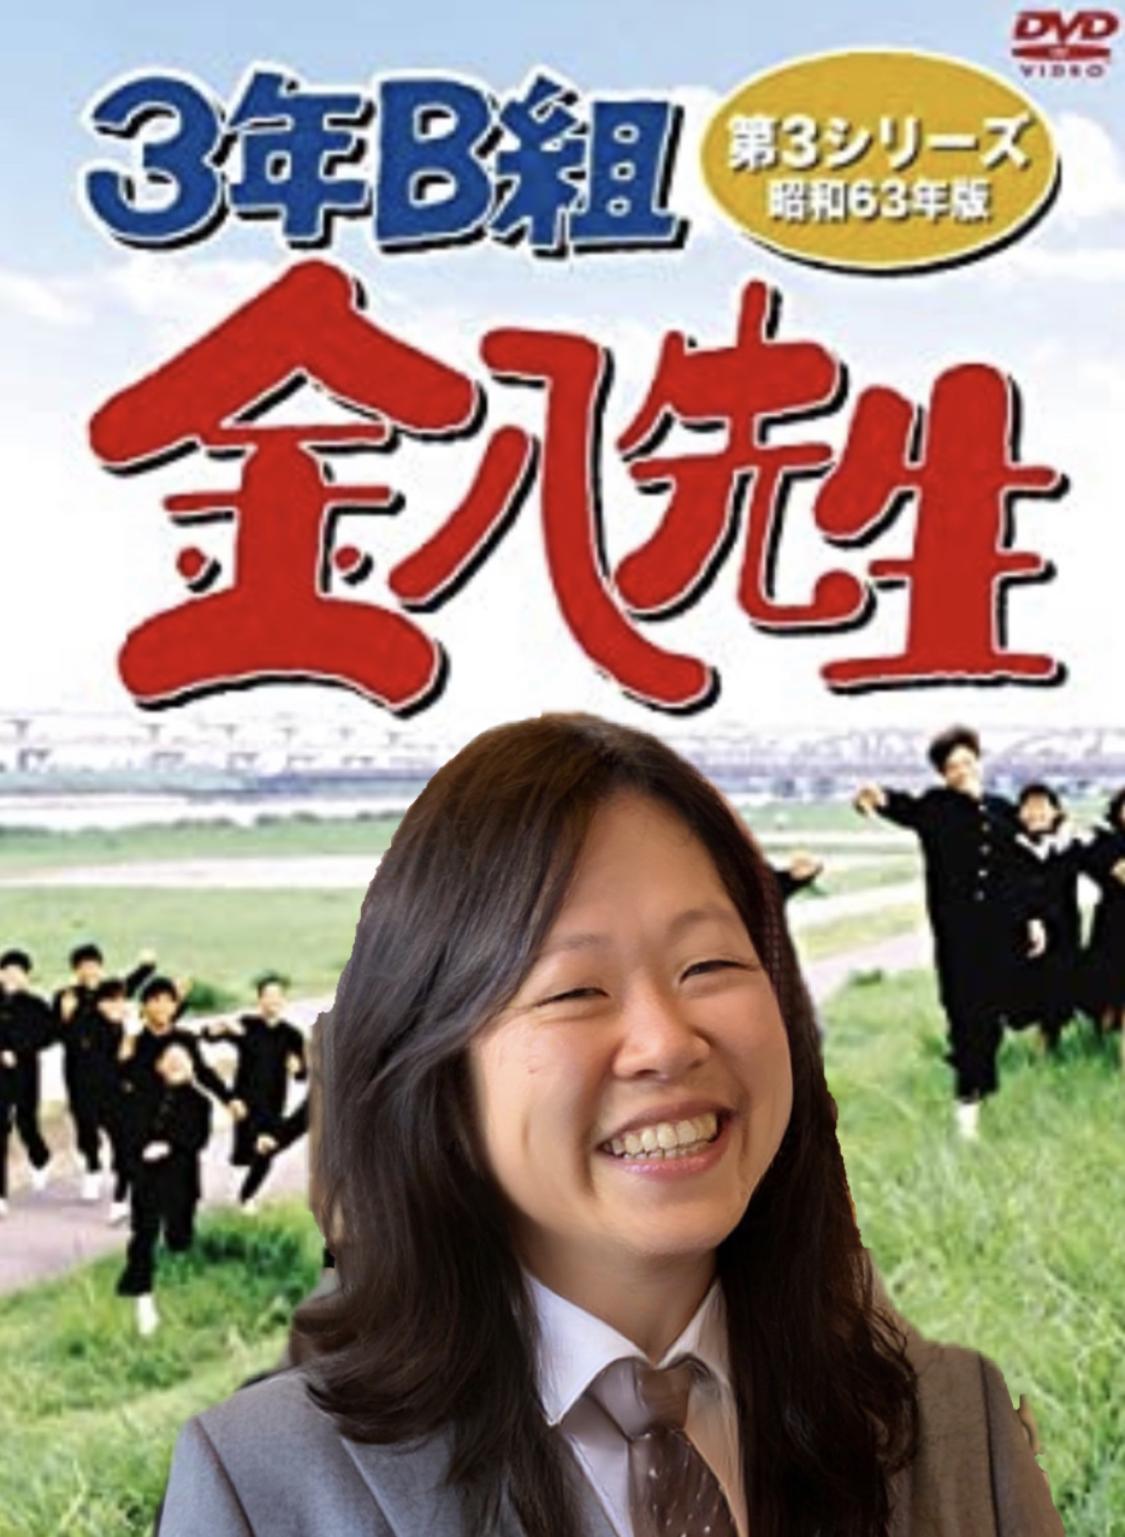 おかえりなさい。人気者永川せんせシリーズ!